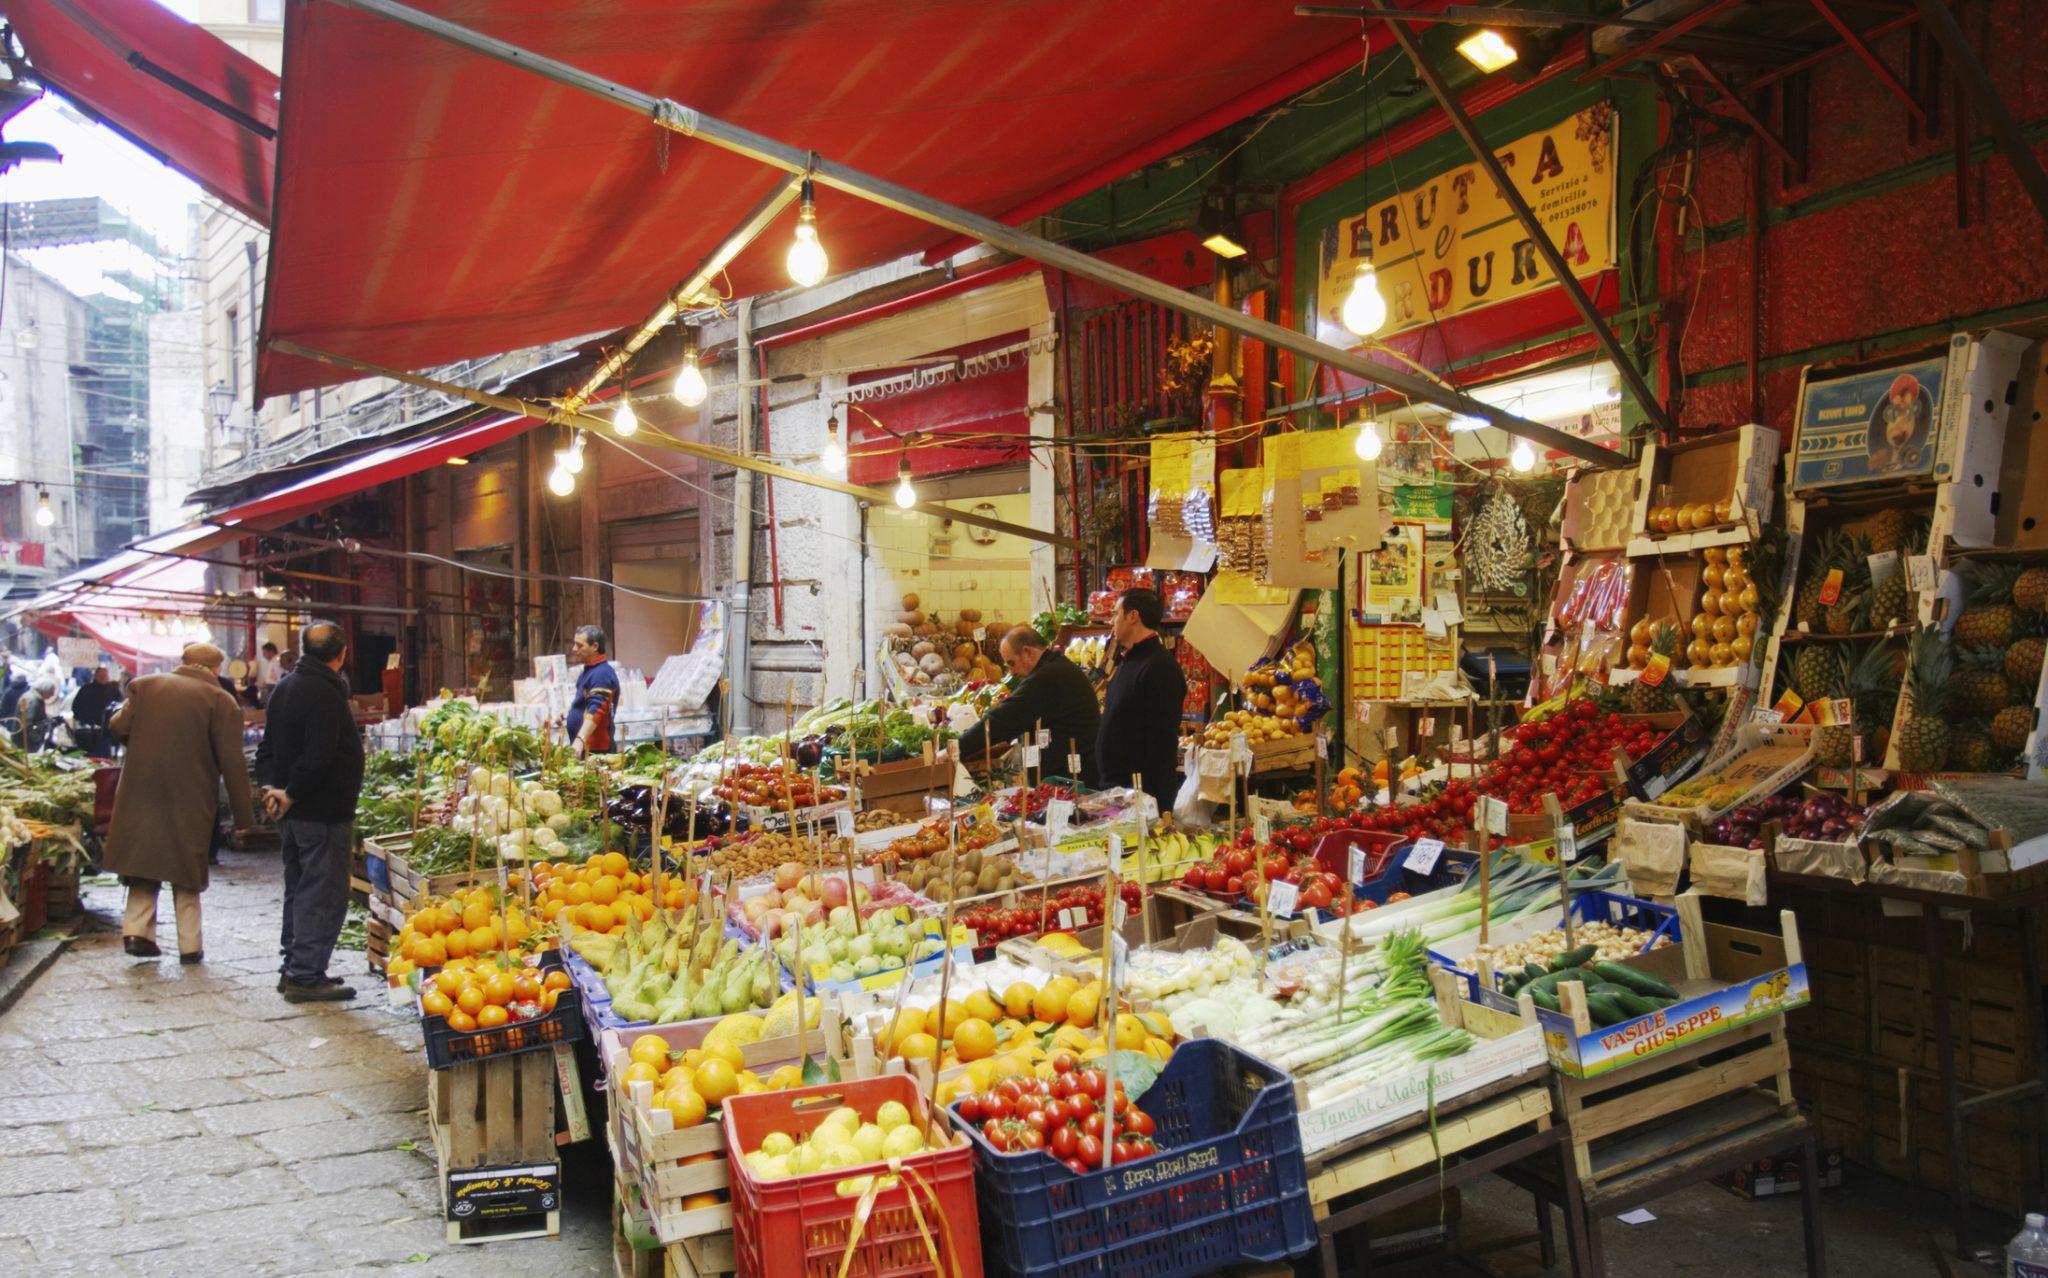 taly, Palermo, Vucciria, Piazza San Domenico fruit market